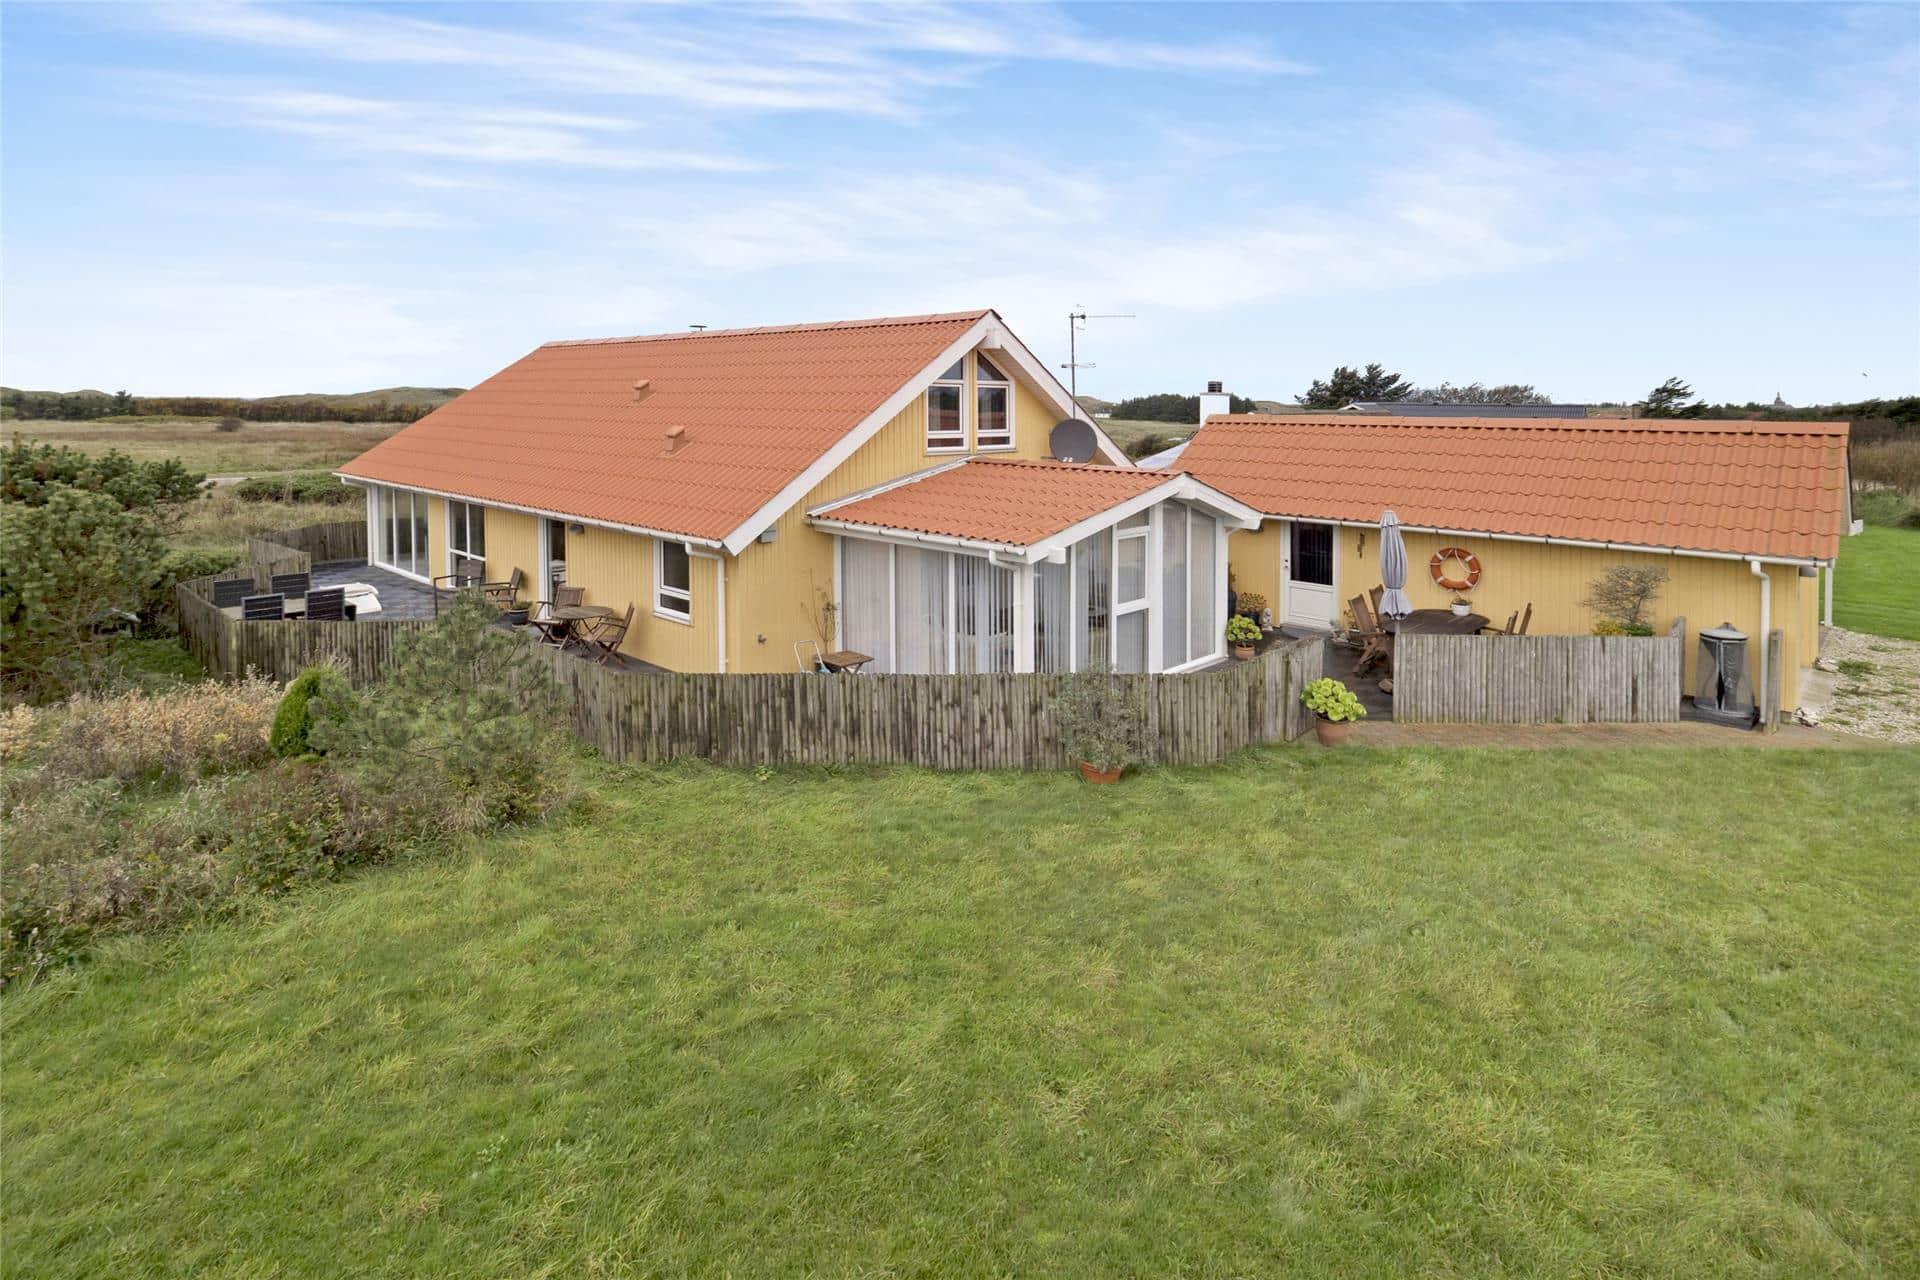 Billede 1-13 Sommerhus 644, Kristinesvej 4, DK - 7700 Thisted